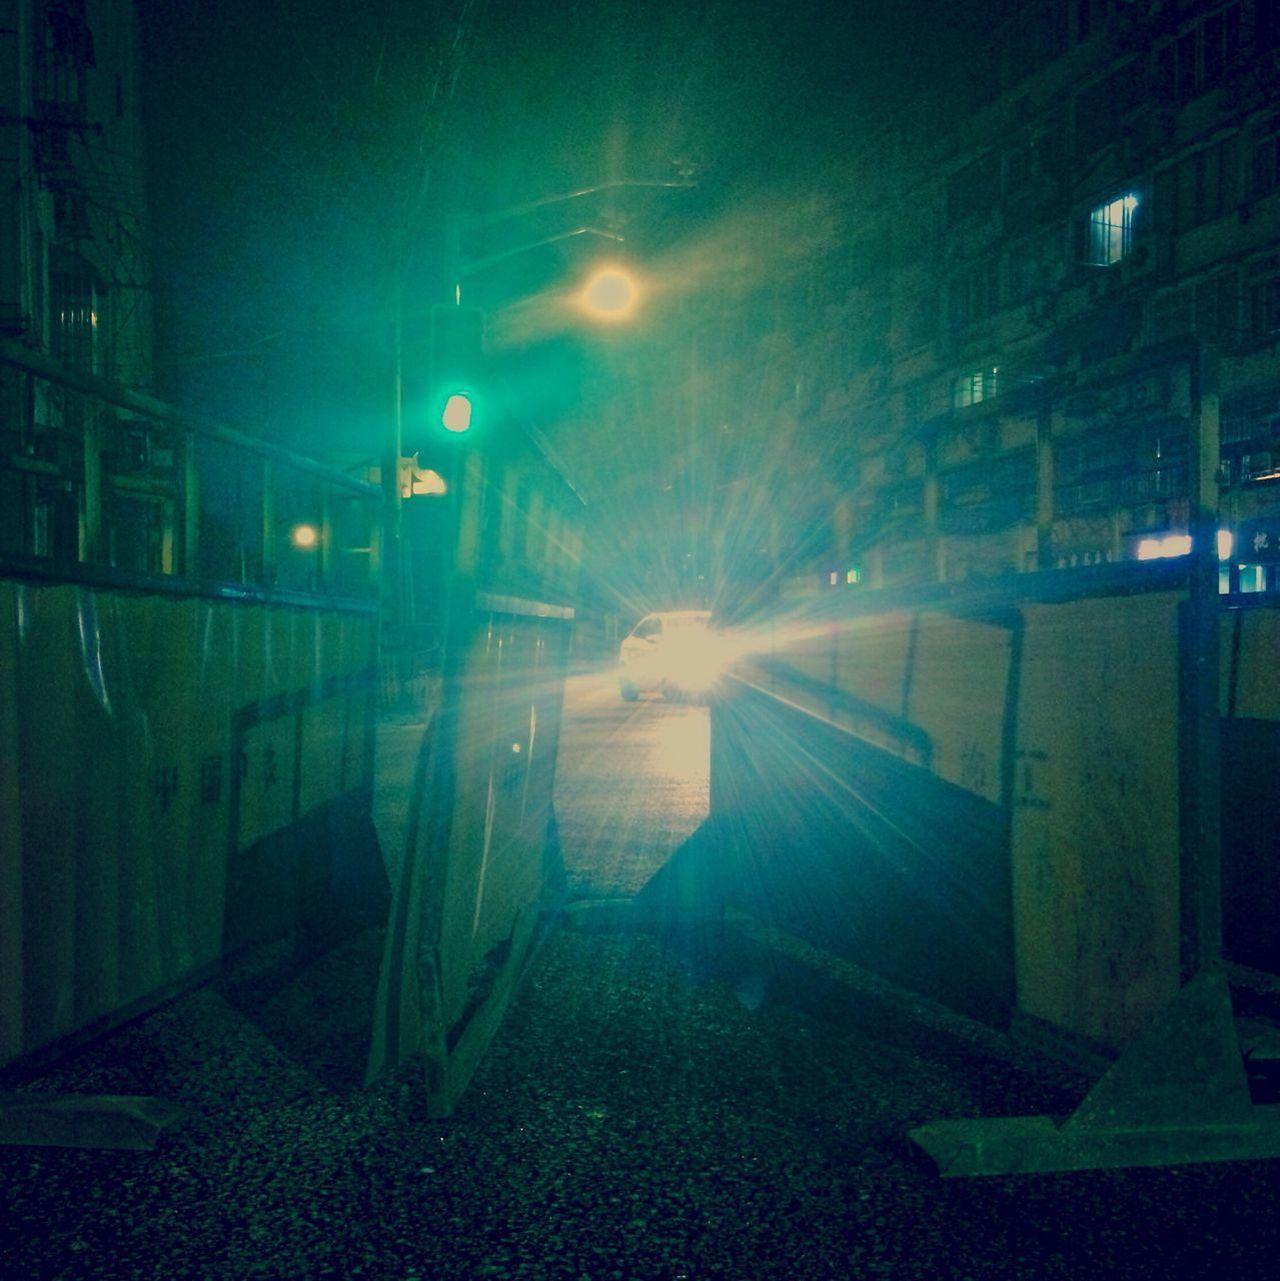 Night Enjoying Life Enjoying The View Road City Life Taking Photos Of People Taking Photos